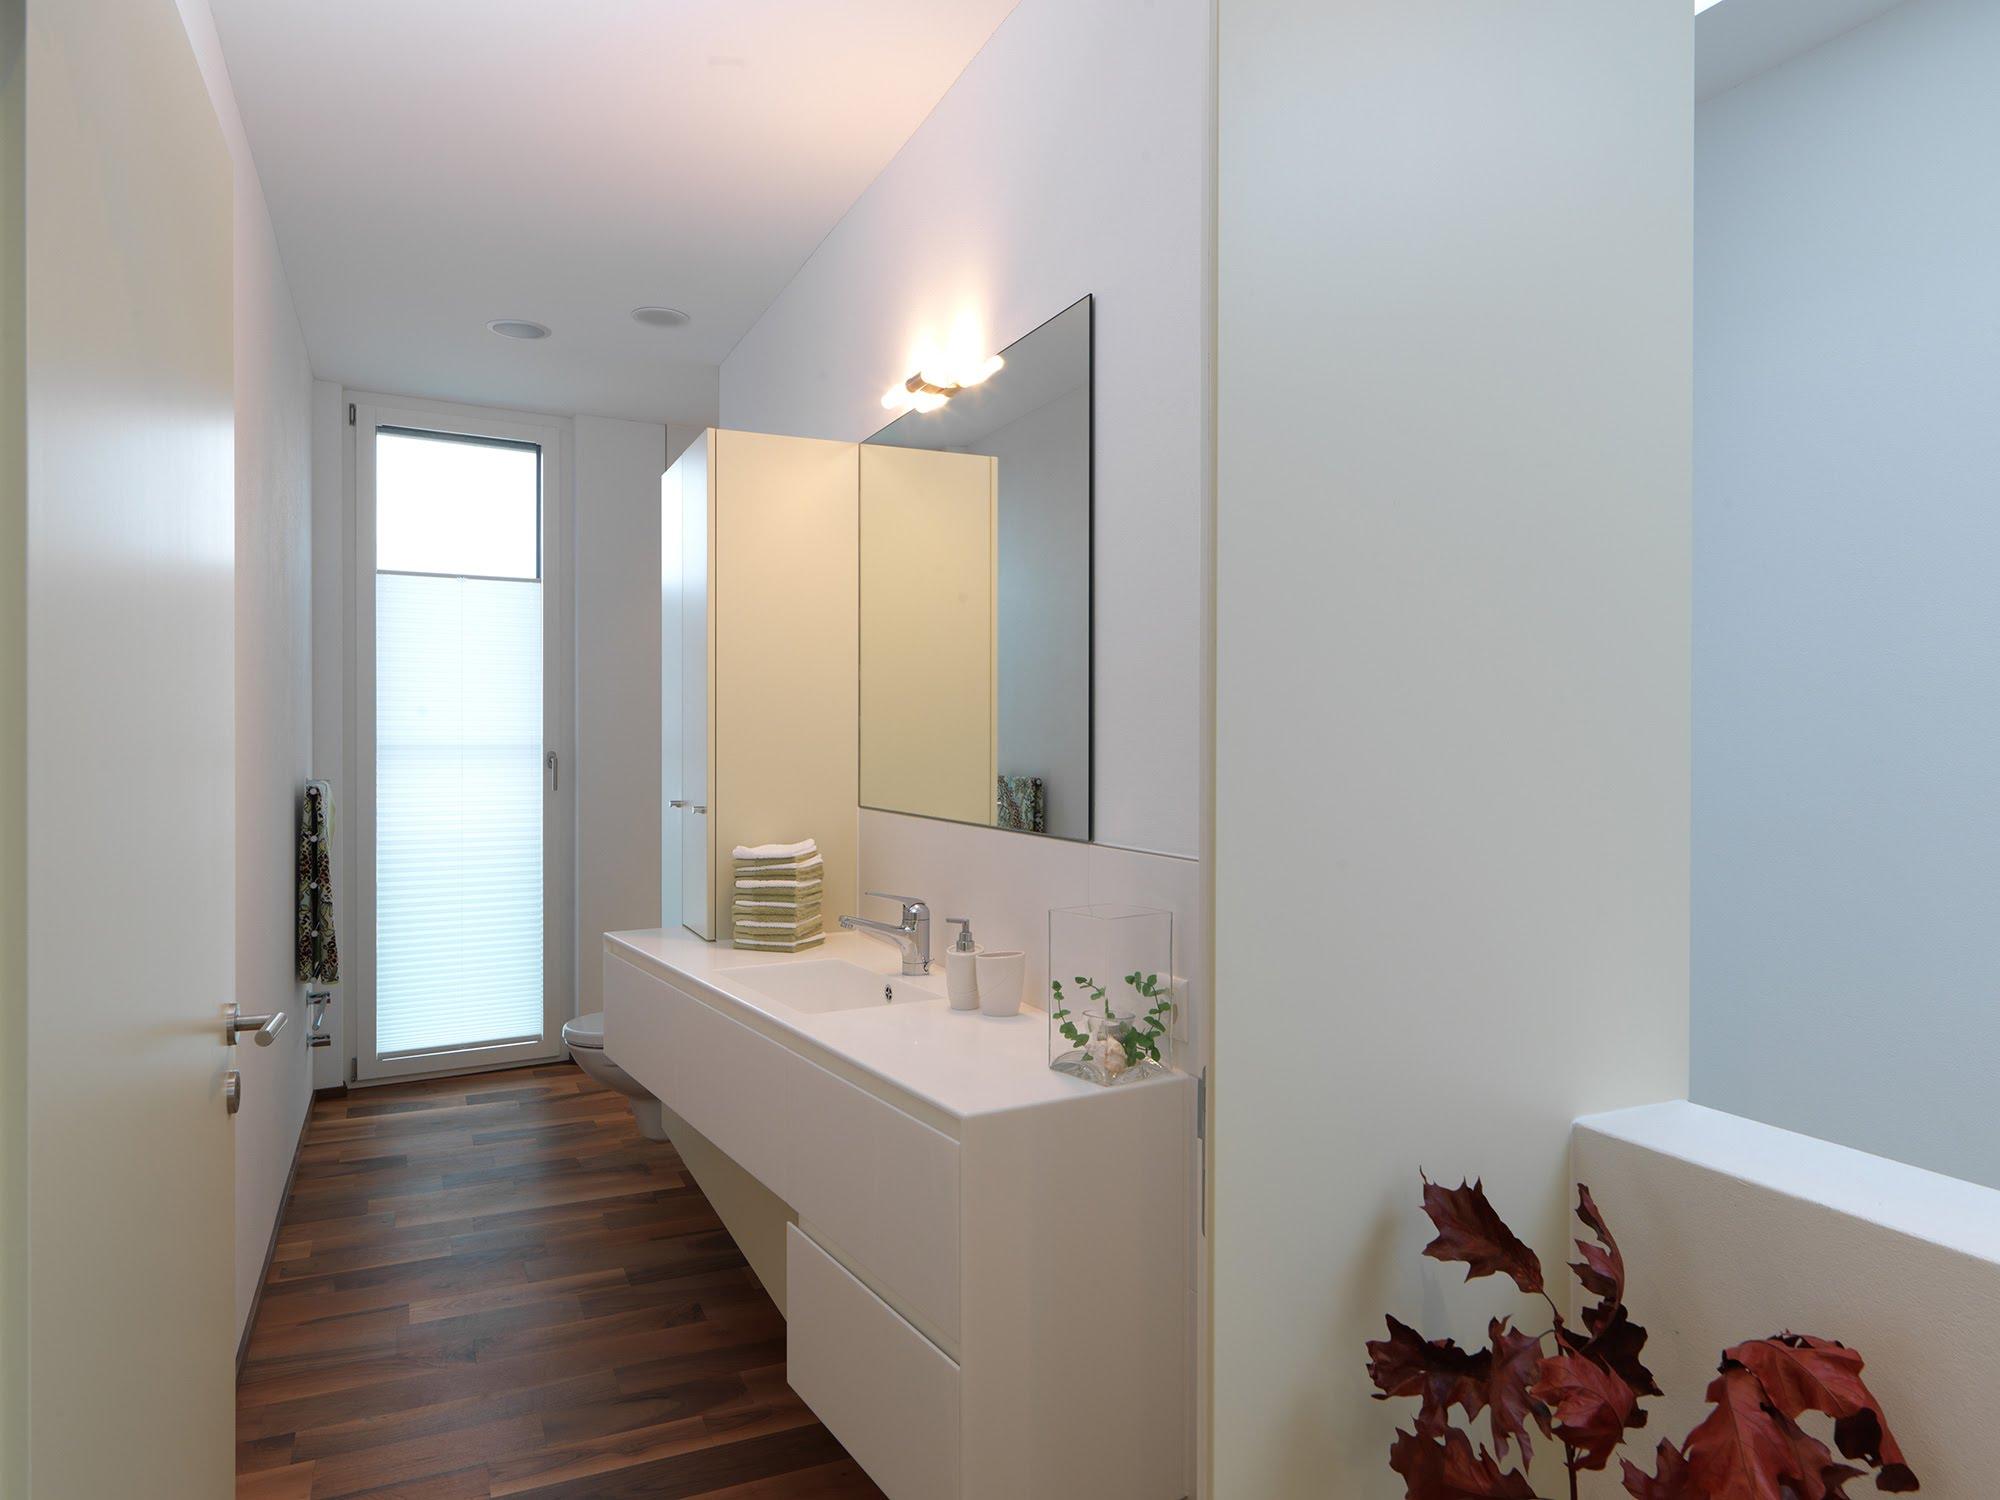 Badezimmer - Bäder & Badumbau-Küchen werden immer mehr zum Ort der Begegnung - Sursee, Willisau, Aargau, Zentralschweiz, Luzern, Zofingen